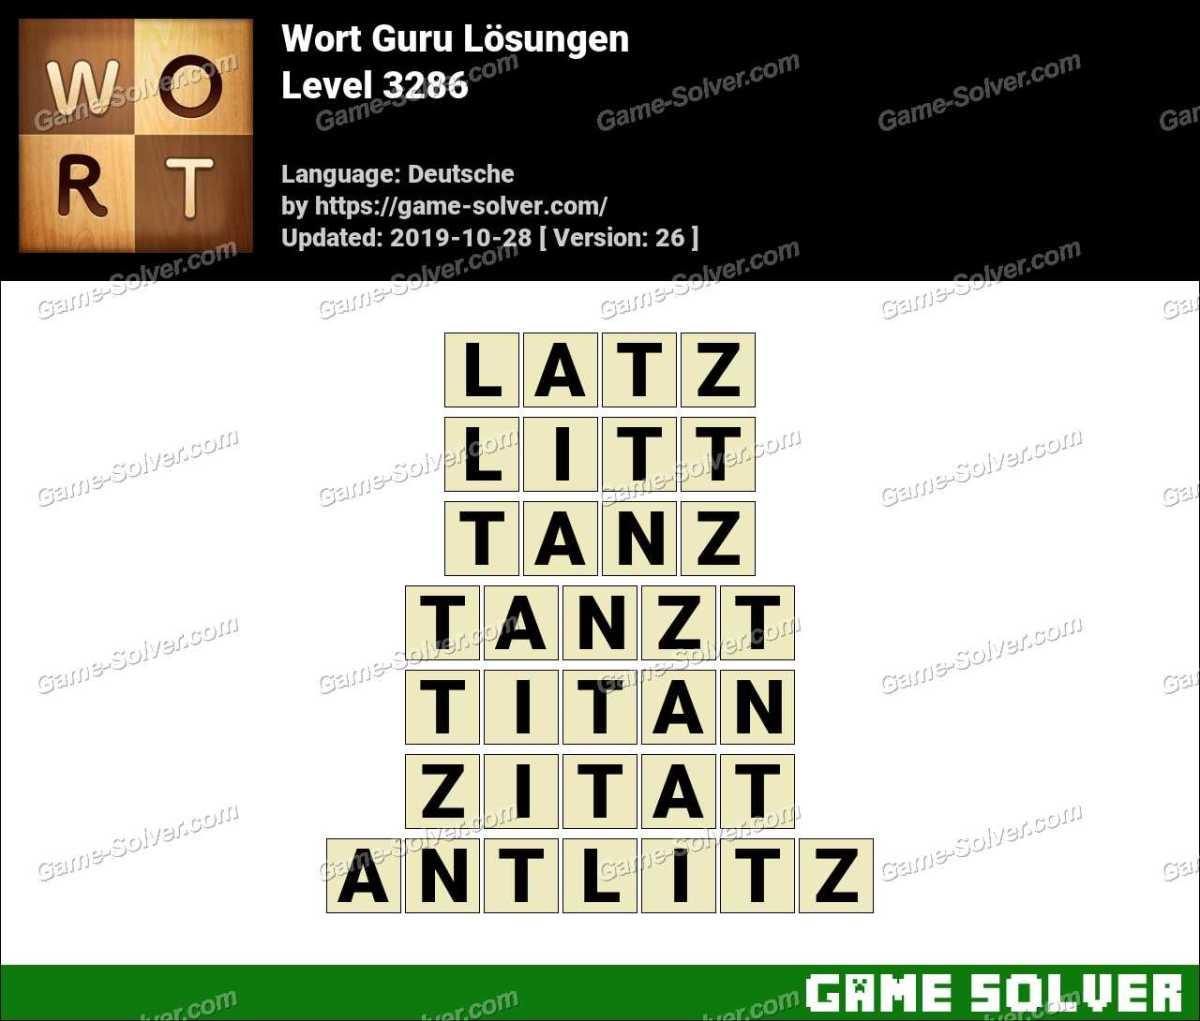 Wort Guru Level 3286 Lösungen